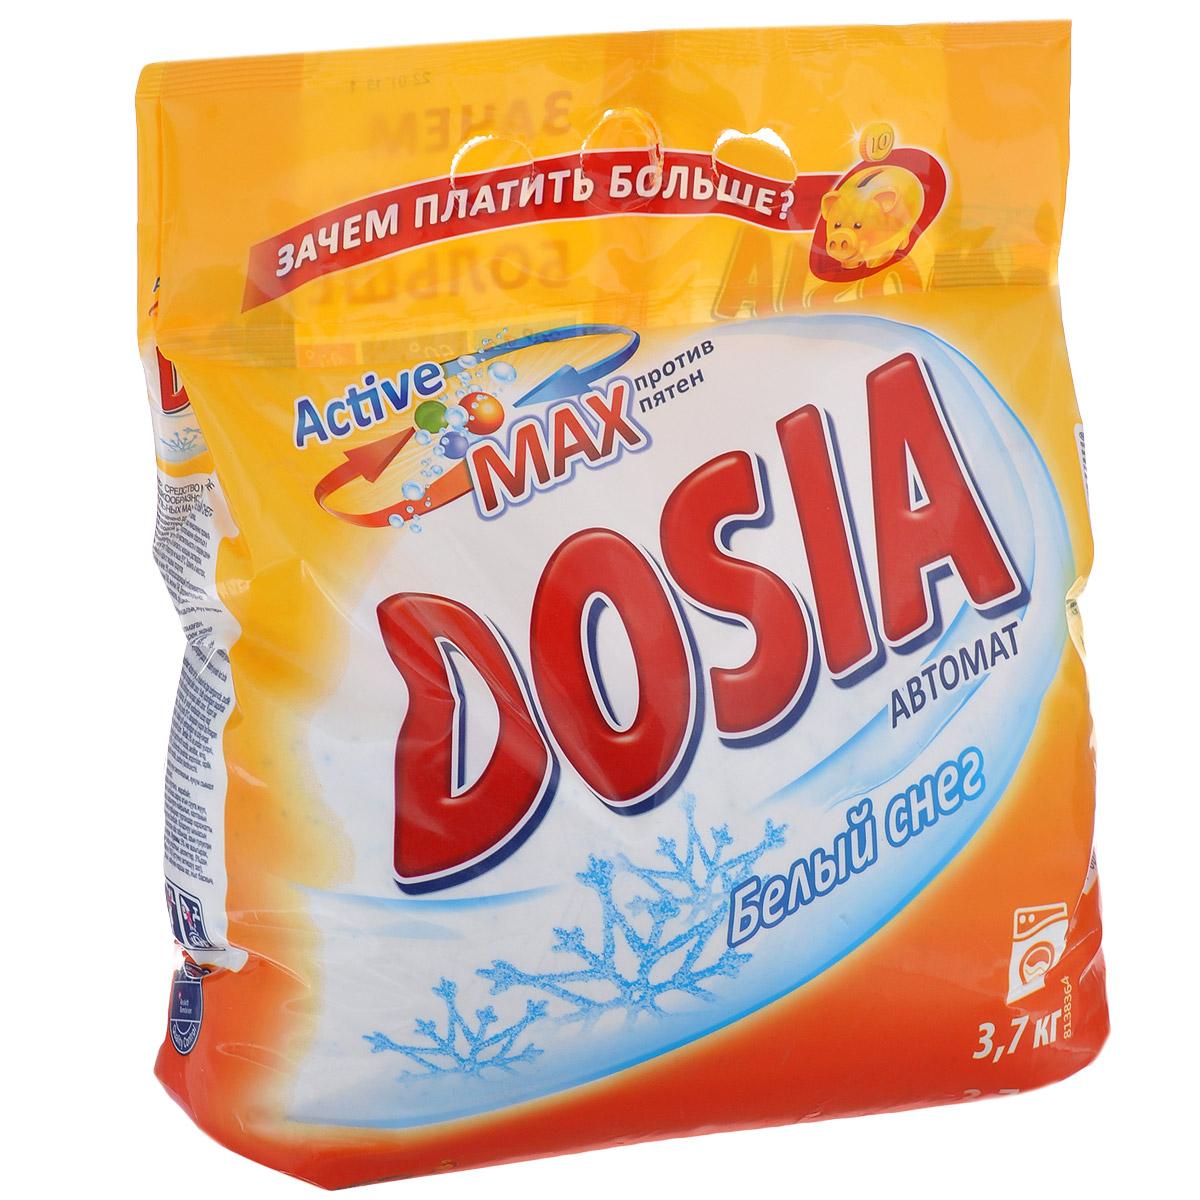 Стиральный порошок Dosia Active Max. Белый снег, 3,7 кг325332Стиральный порошок Dosia Active Max. Белый снег - синтетическое моющее порошкообразное средство для автоматических стиральных машин. Порошок отлично справляется с различными пятнами и придает белью неповторимую свежесть. Не предназначен для стирки изделий из шерсти и шелка. Благодаря специально разработанной формуле Active Max, порошок: - качественно удаляет даже самые сложные пятна, - отстирывает бережно и эффективно, не повреждая волокна ткани, - придает белью свежесть. Состав: 5% и более, но не менее 15% цеолиты и анионные ПАВ; менее 5% неоиногенные ПАВ; энзимы, оптический отбеливатель, отдушка. Товар сертифицирован.